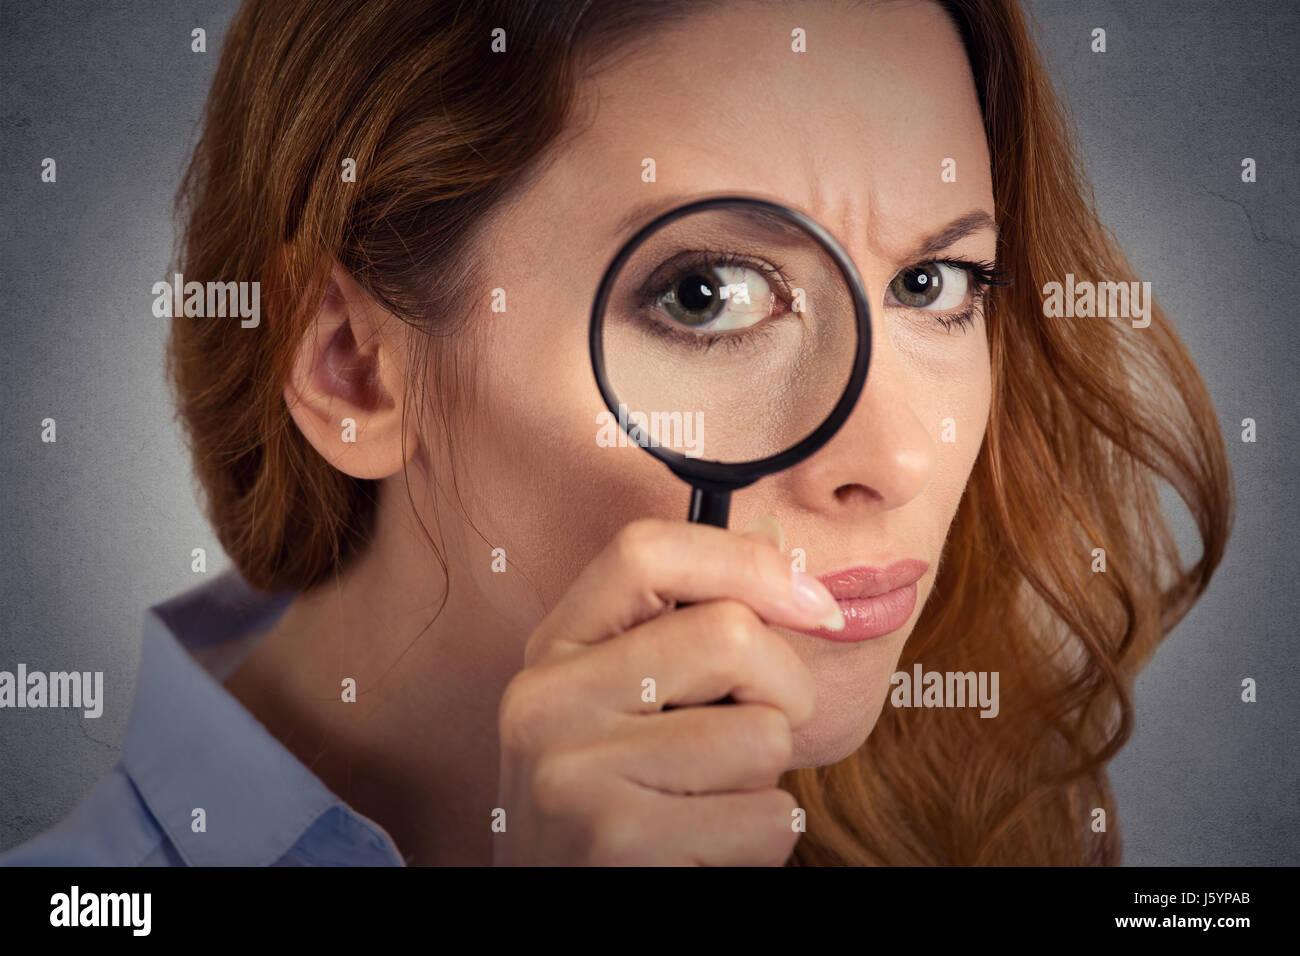 Headshot donna investigatore guardando attraverso la lente di ingrandimento Immagini Stock